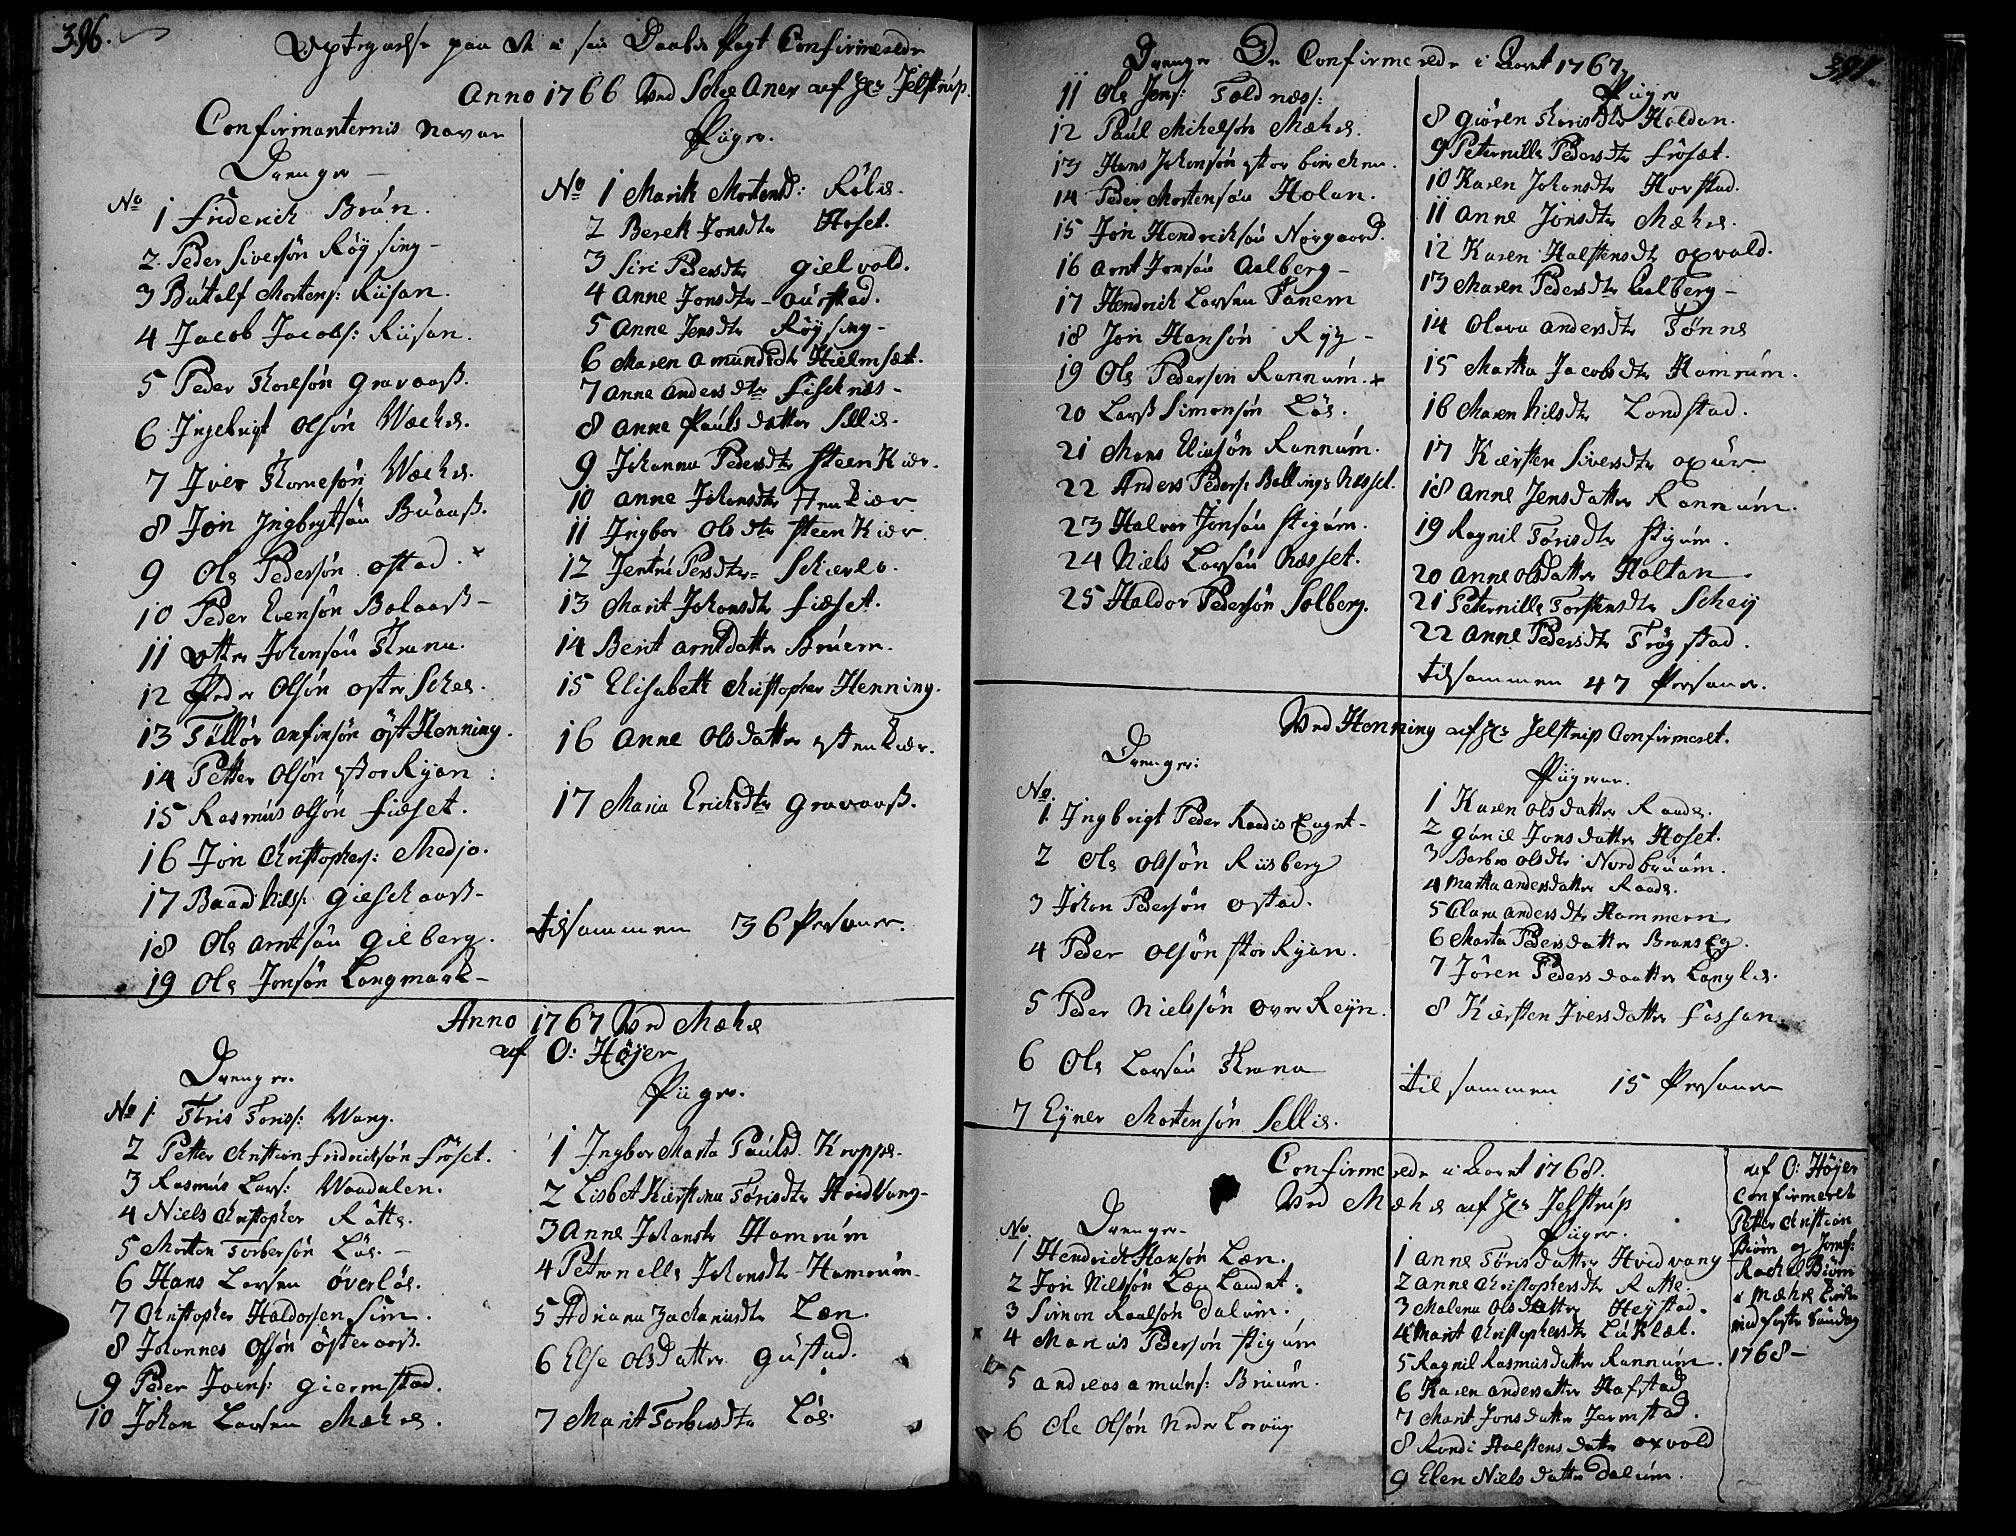 SAT, Ministerialprotokoller, klokkerbøker og fødselsregistre - Nord-Trøndelag, 735/L0331: Ministerialbok nr. 735A02, 1762-1794, s. 396-397